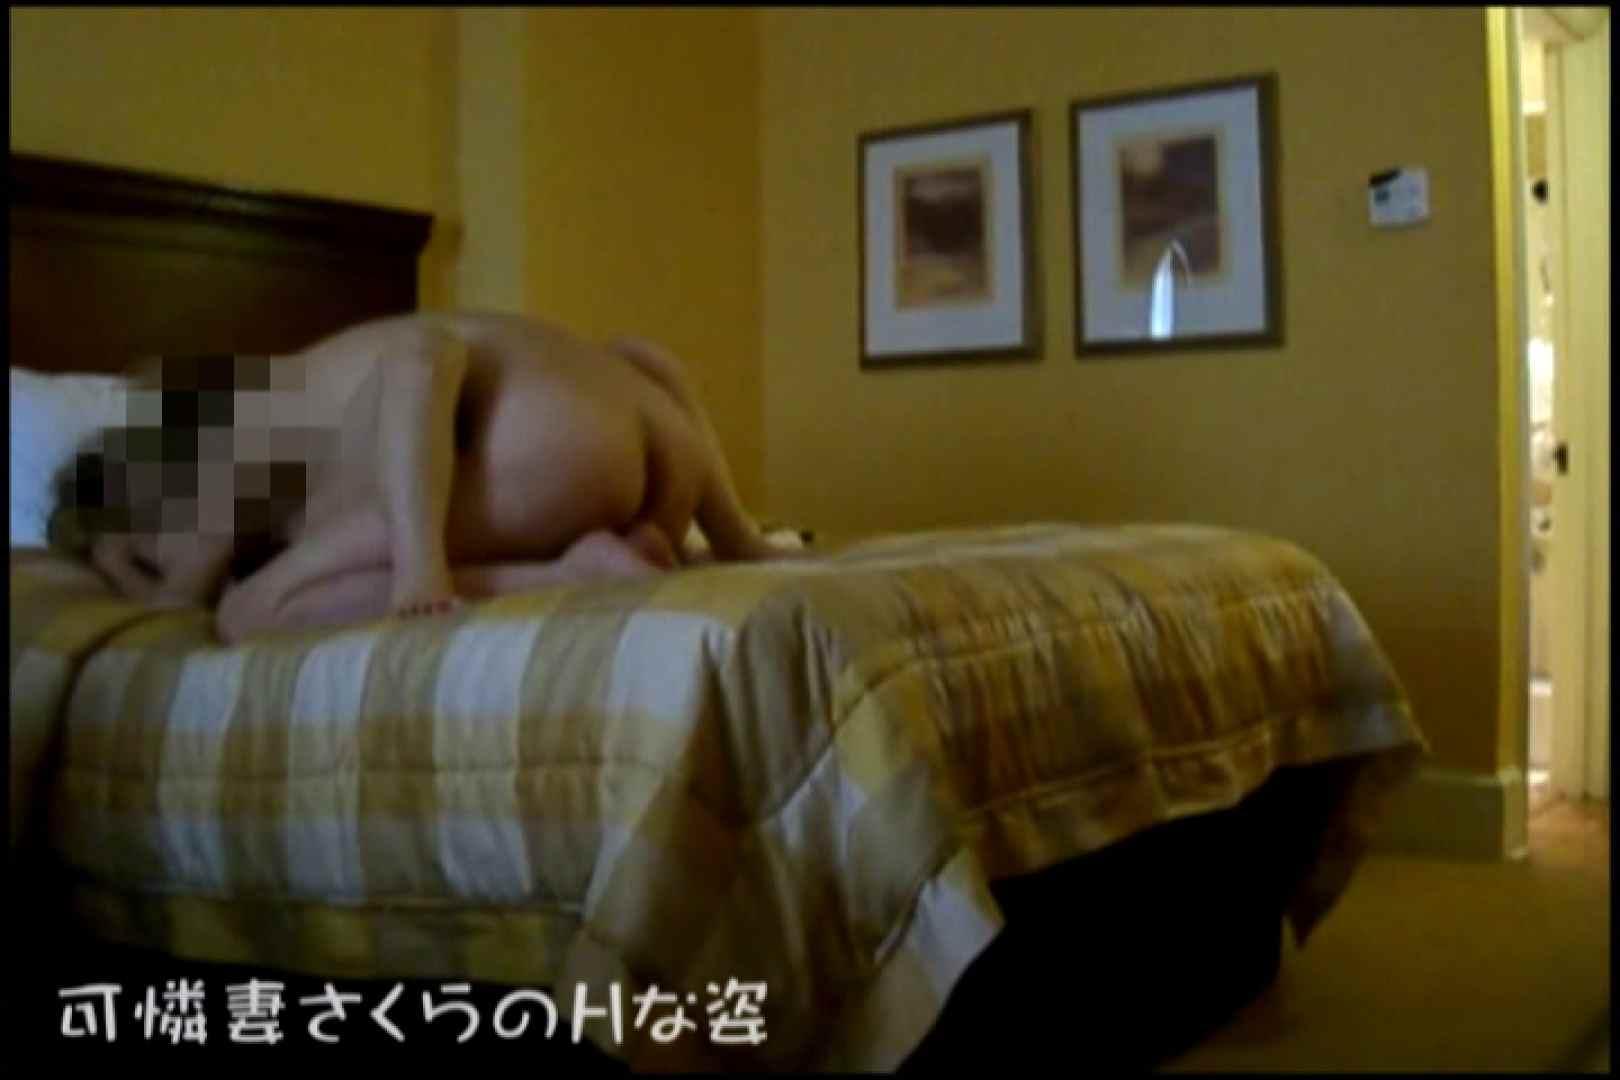 可憐妻さくらのHな姿vol.9前編 エッチな熟女   おっぱい特集  57pic 21